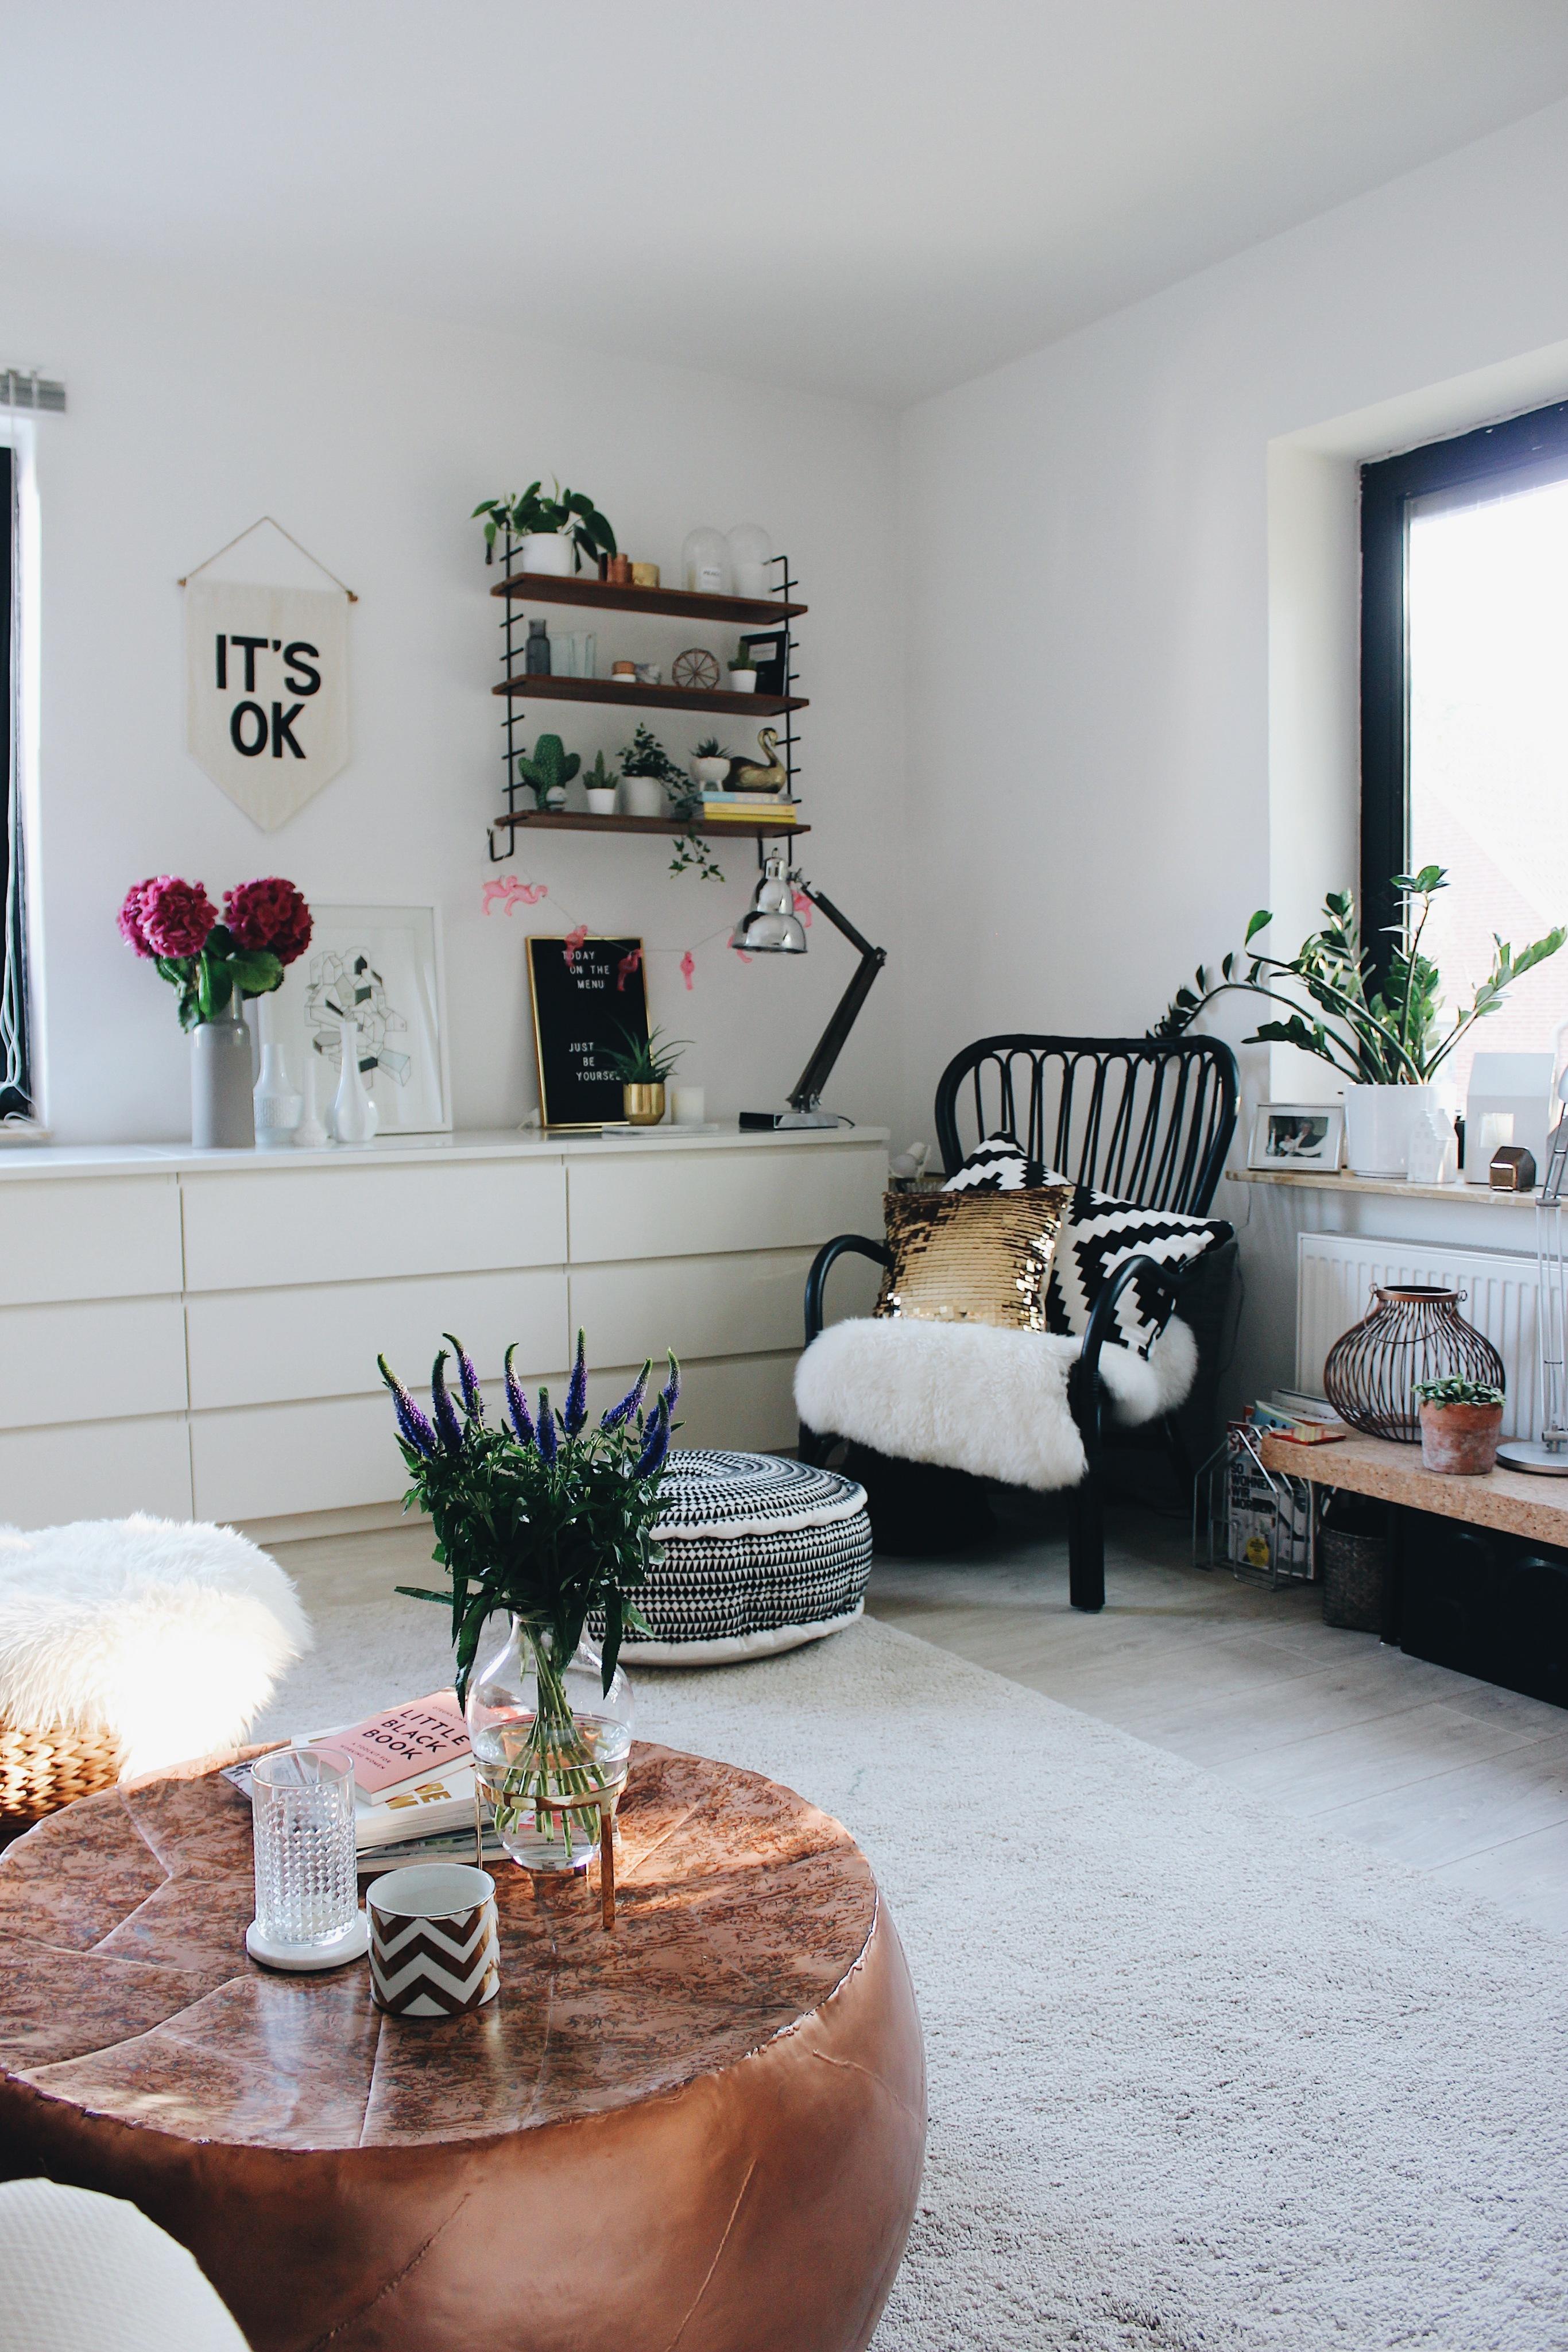 meine lieblingsecke oder auch nook wohnzimmer couchstyle